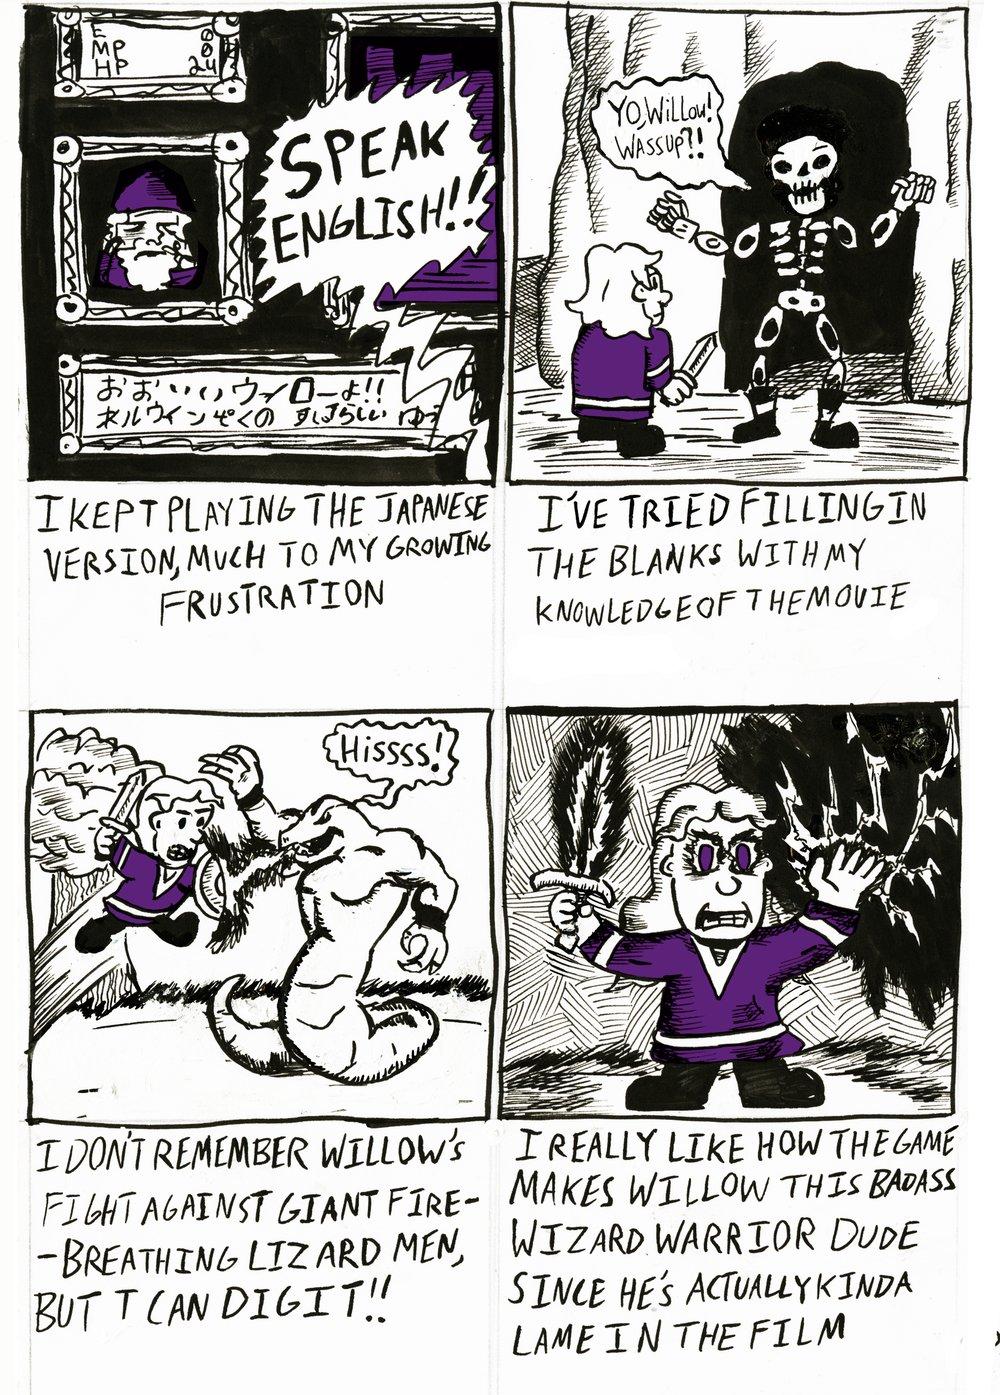 Untitled Willow Fan Comic